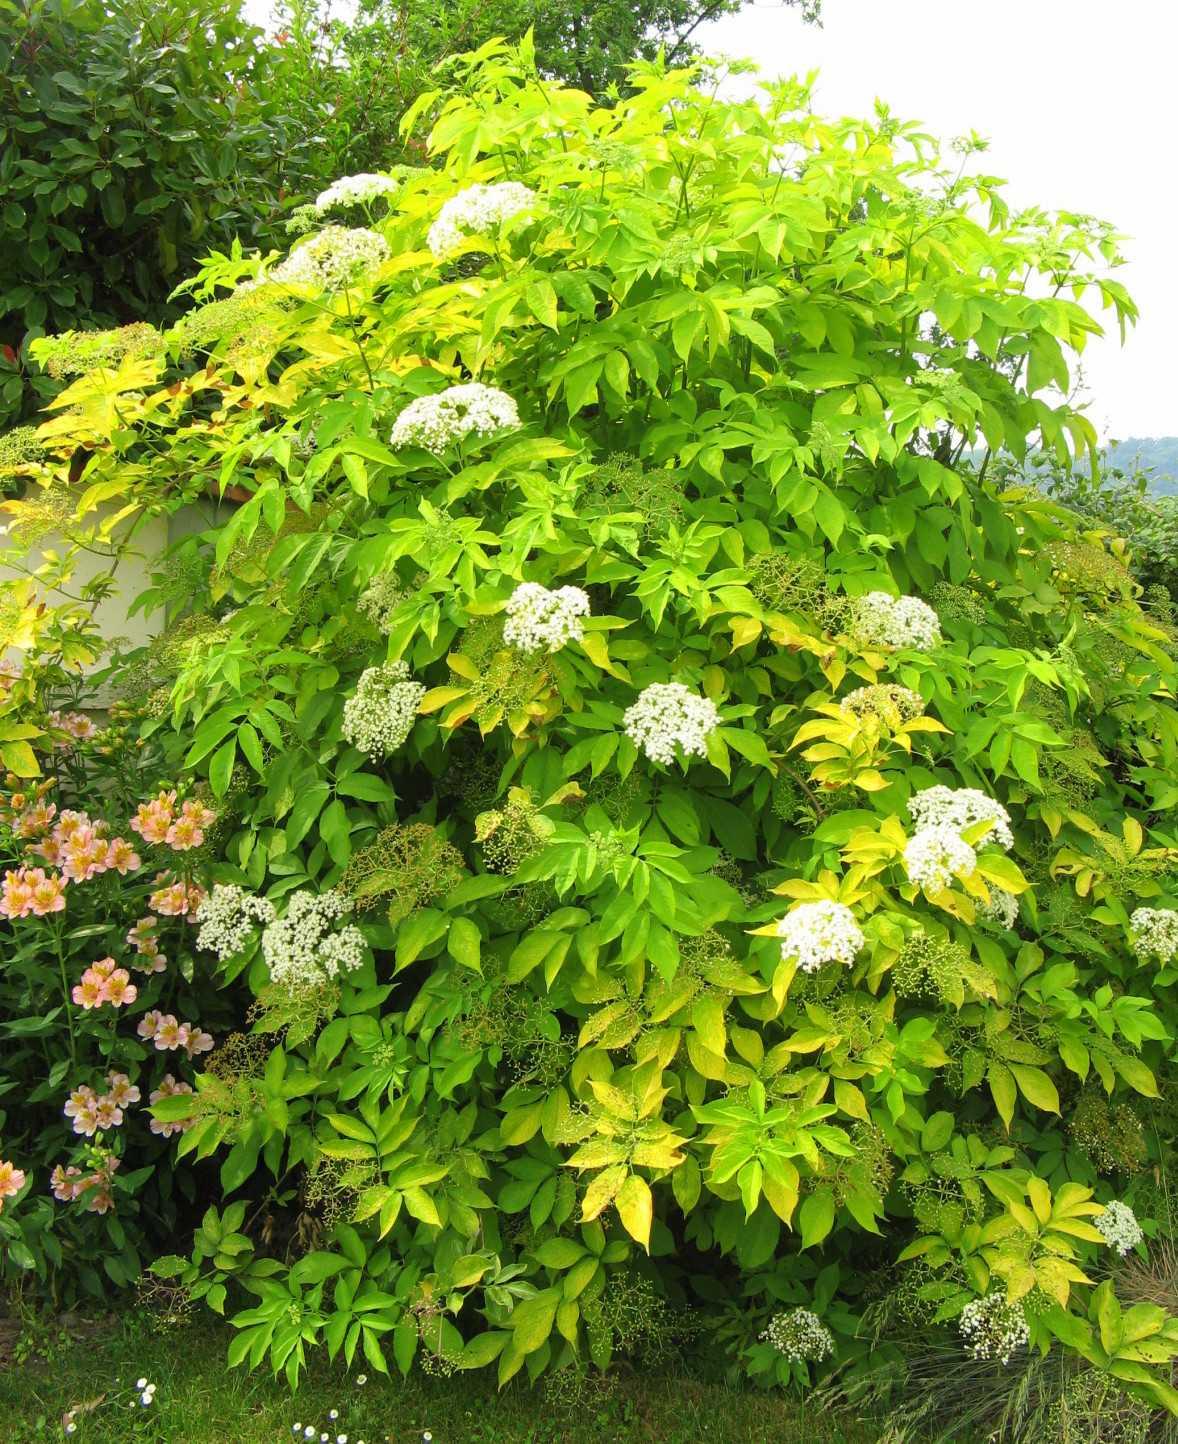 или растения и кустарники средней полосы россии фото композициях